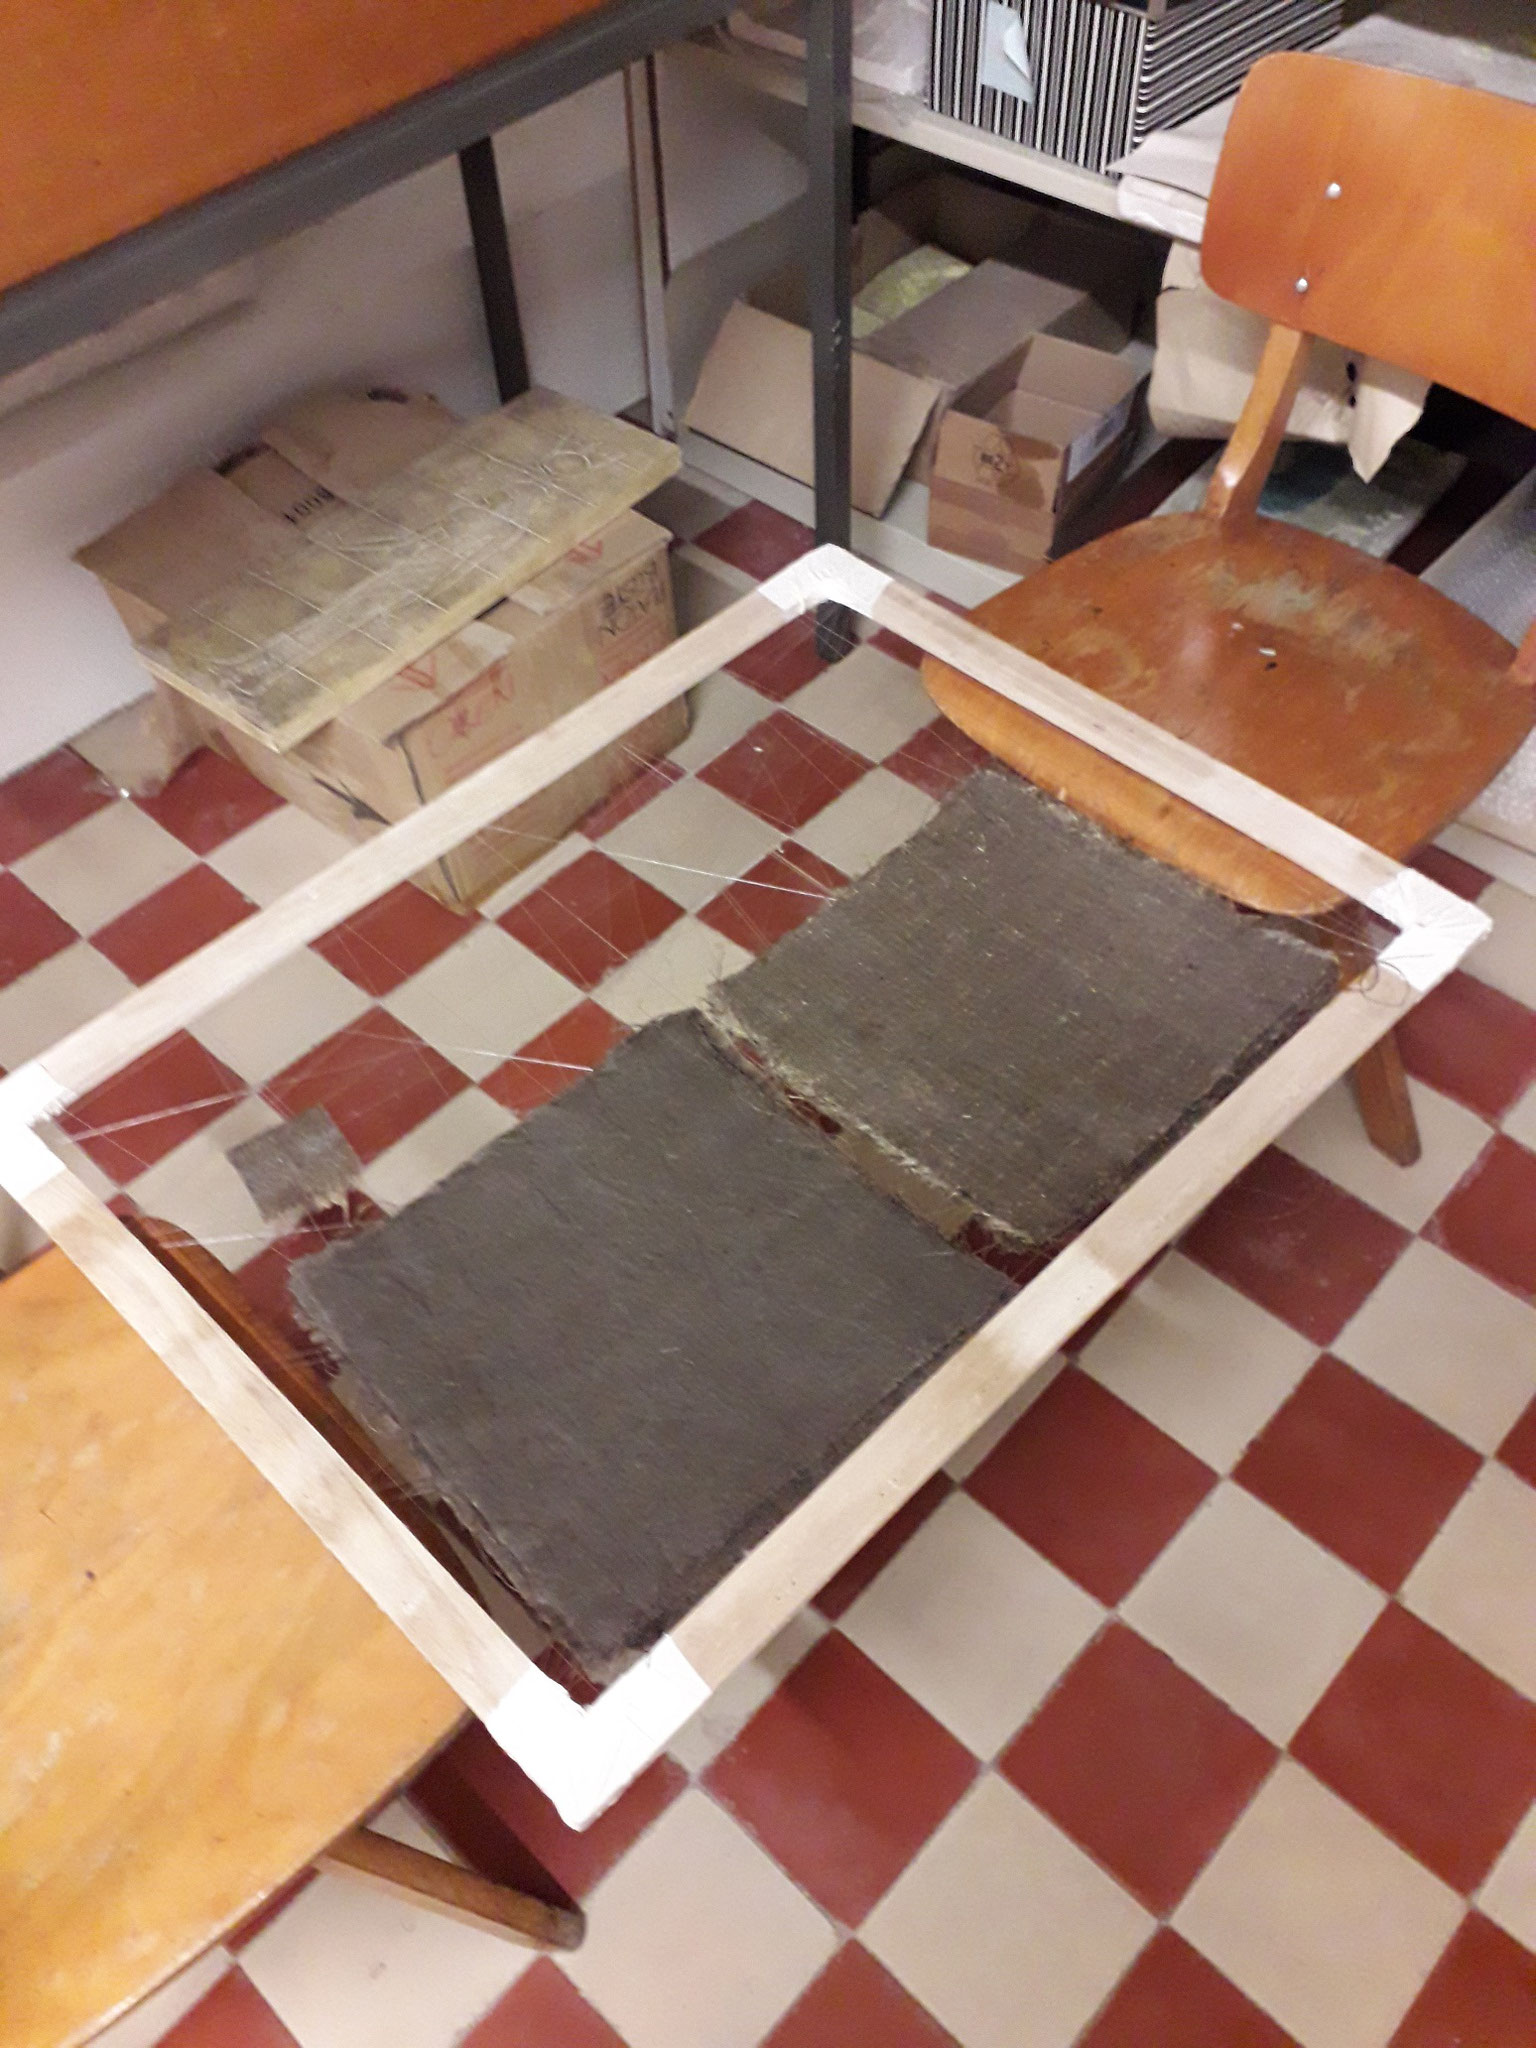 Zum Trocknen nutzten wir auch wieder unseren bewährten Rahmen, andere Teststücke wurden hängend getrocknet.